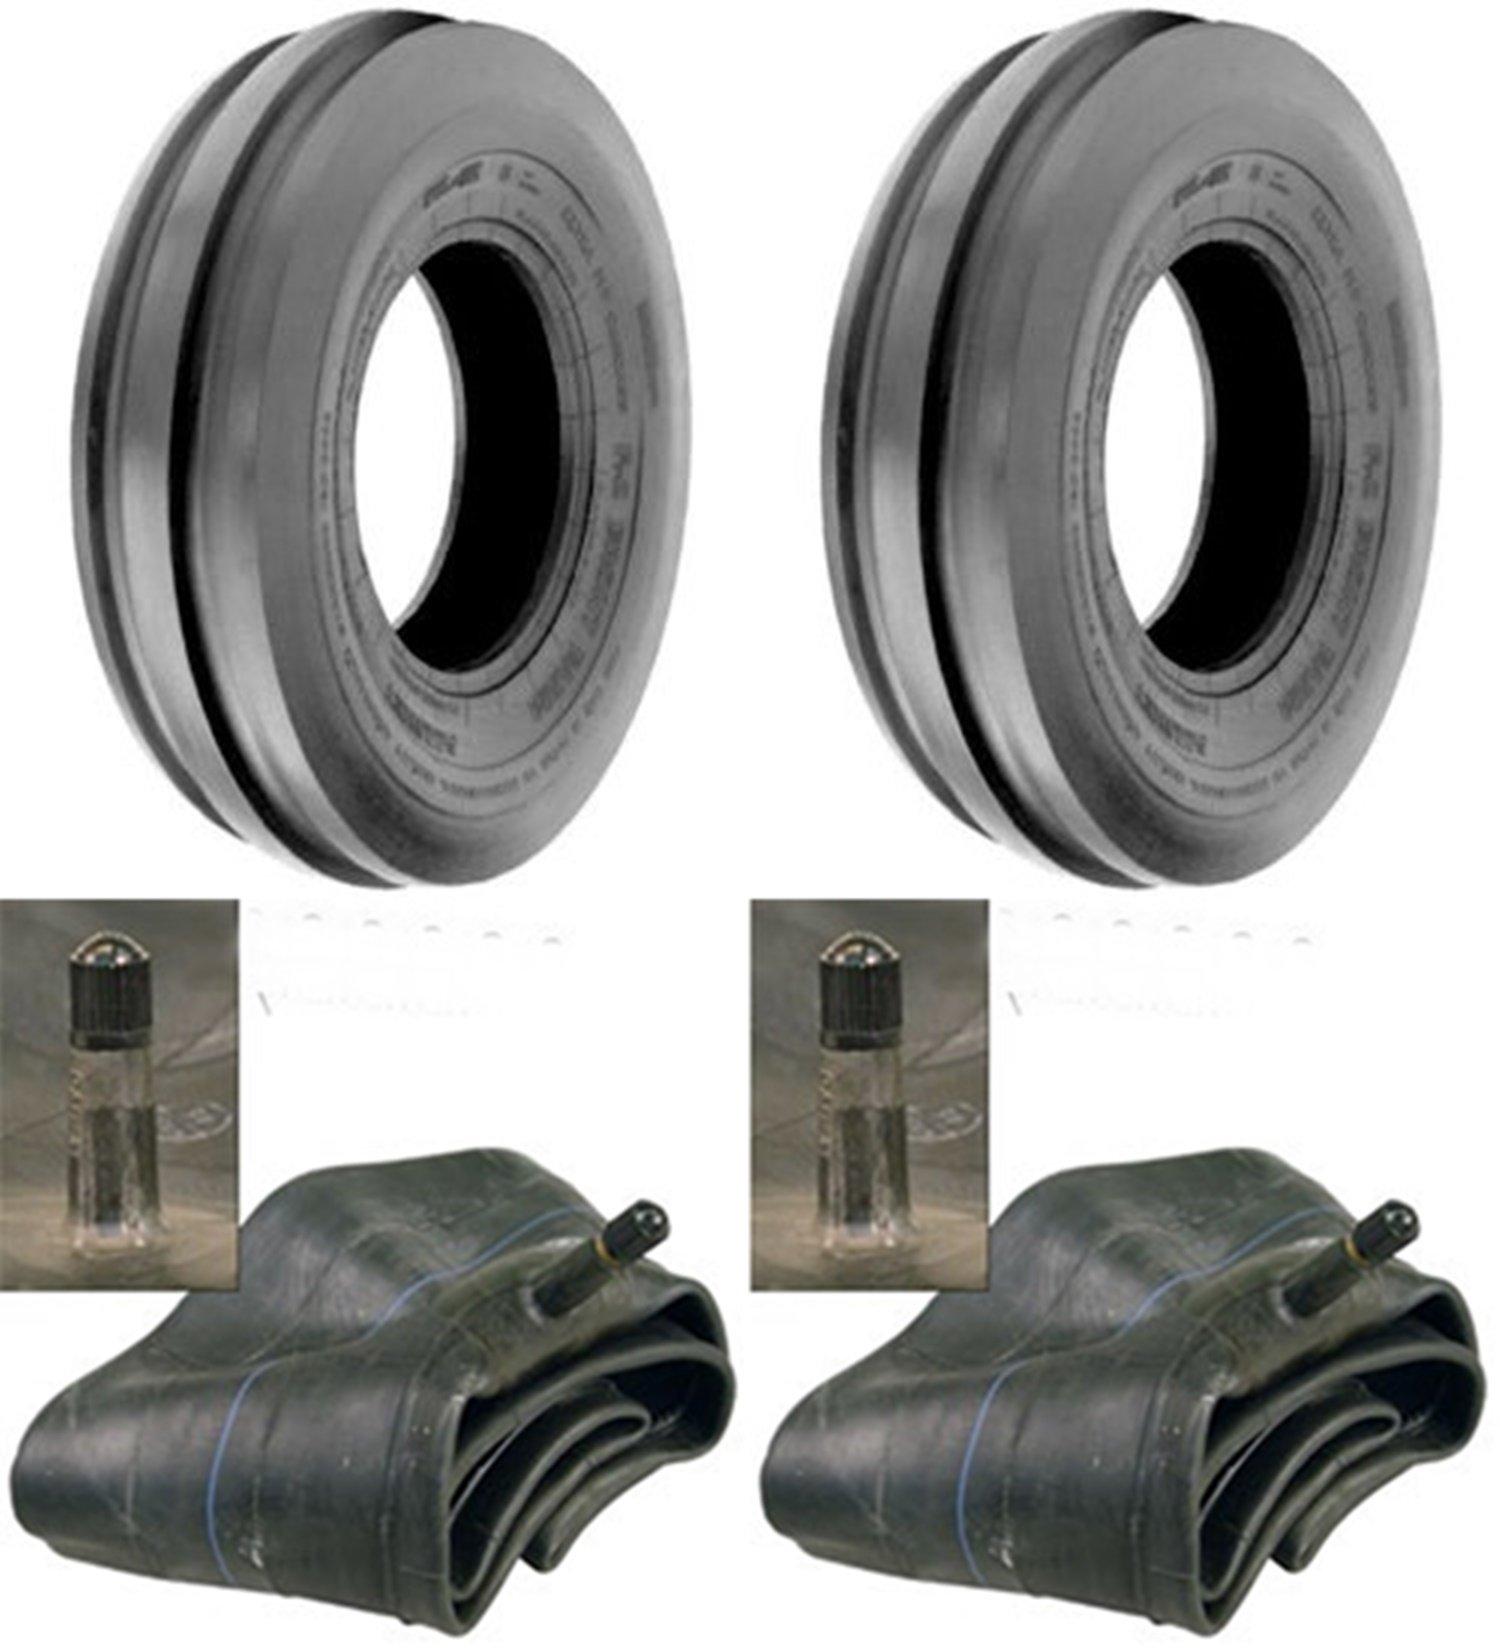 LOT OF TWO (2) 4.00-19 4.00x19 Tri Rib (3 Rib) Tires with Tubes